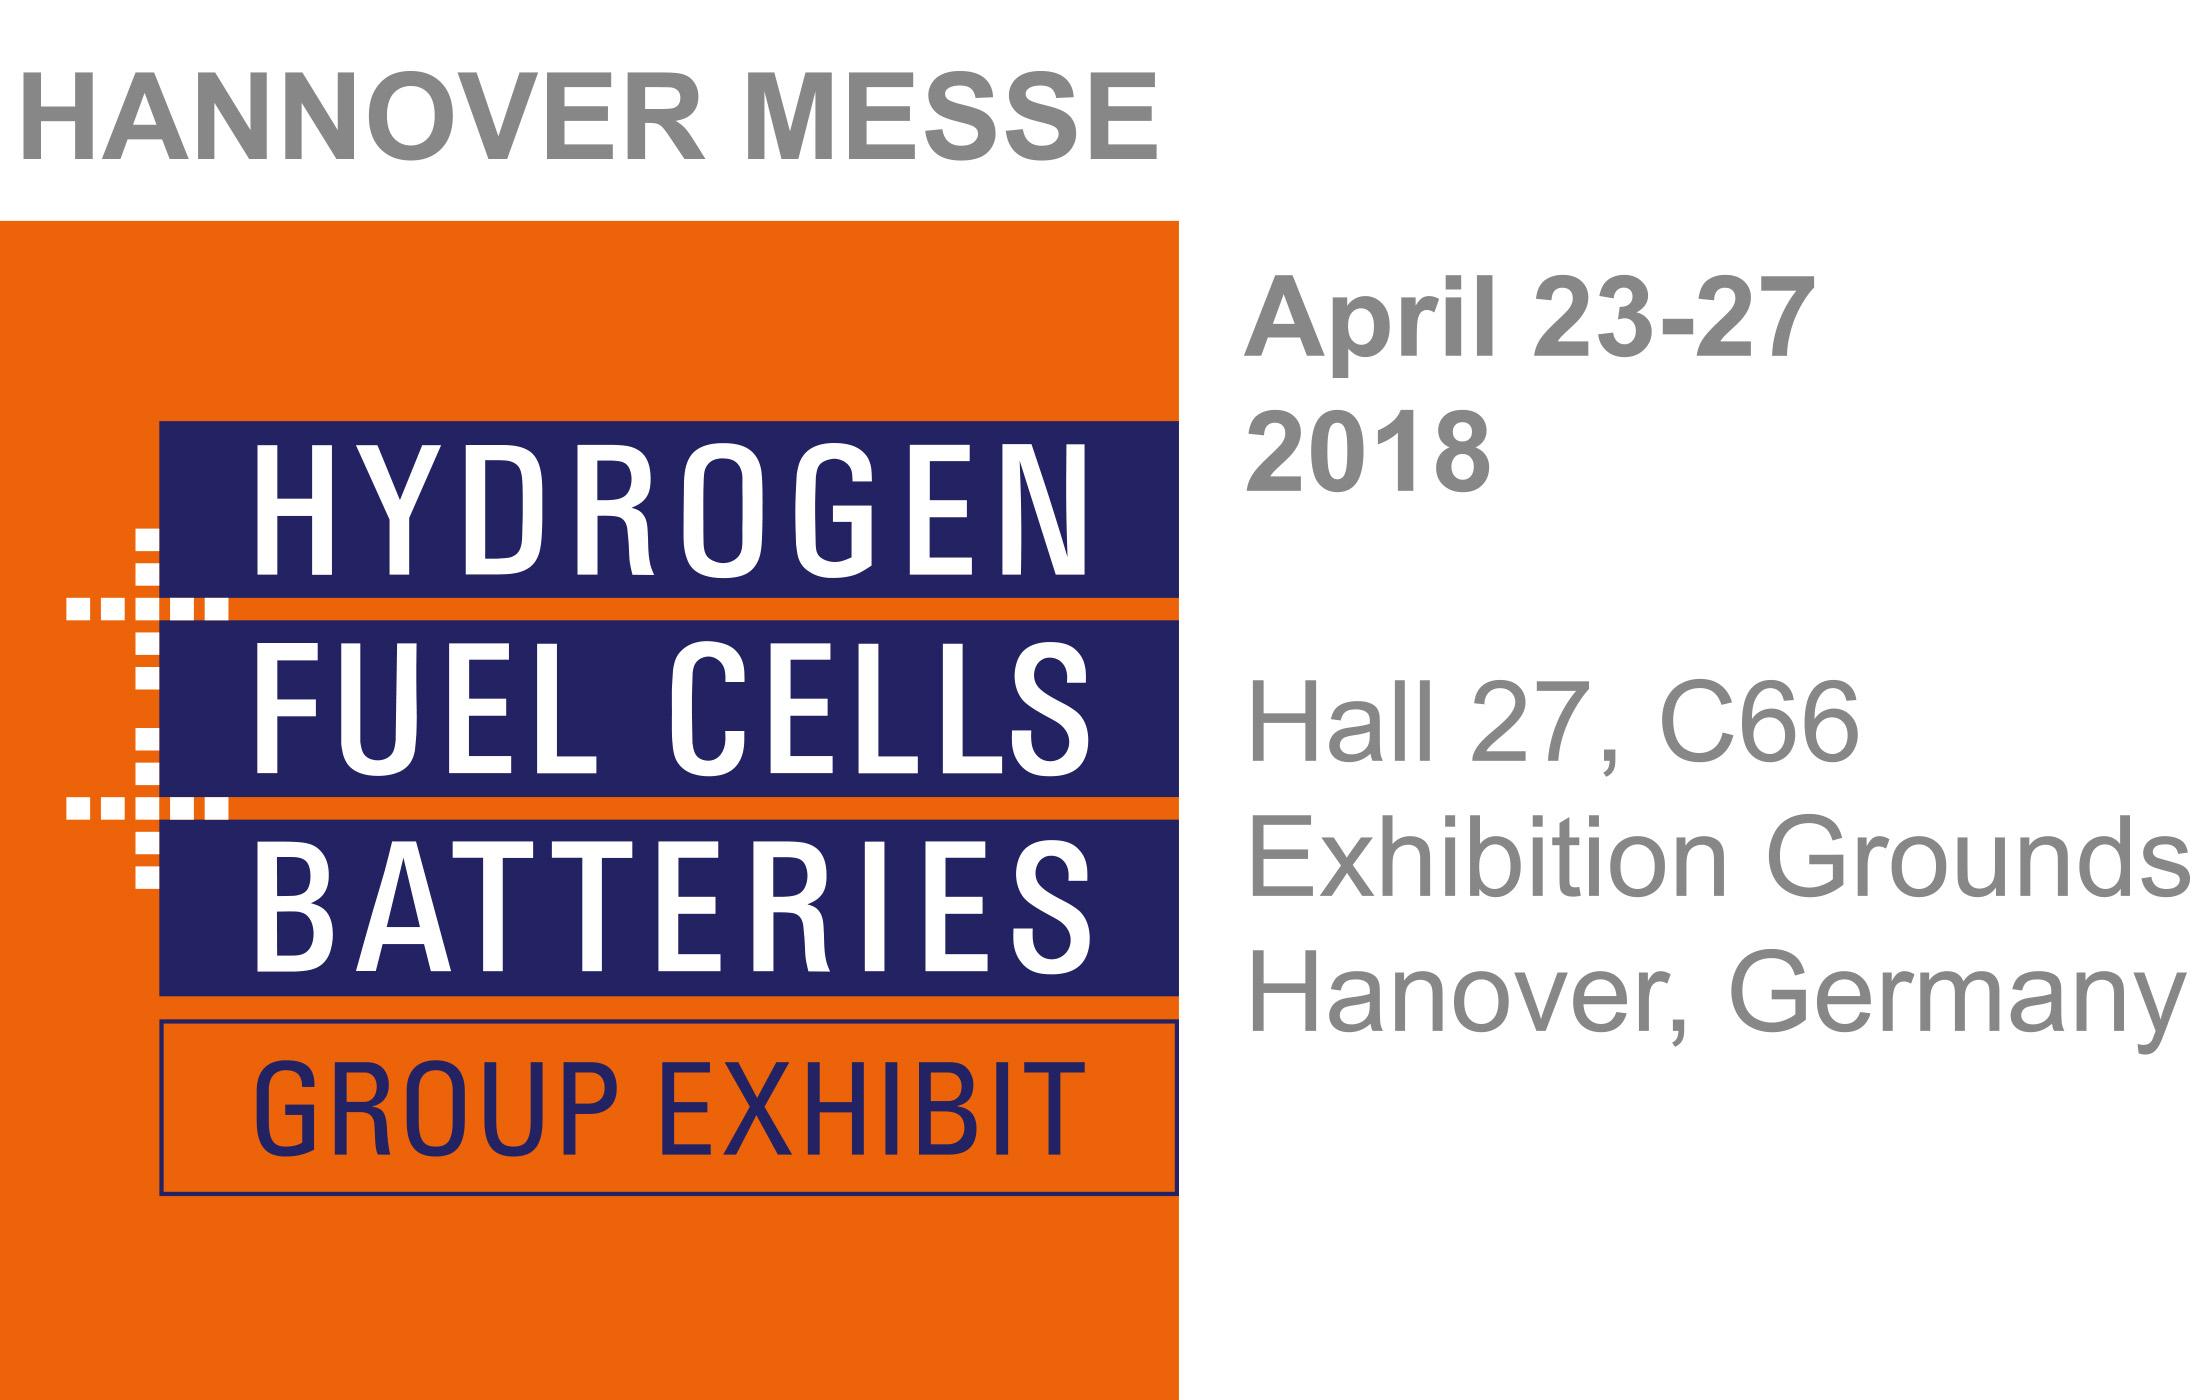 Hannover Messe banner 2018